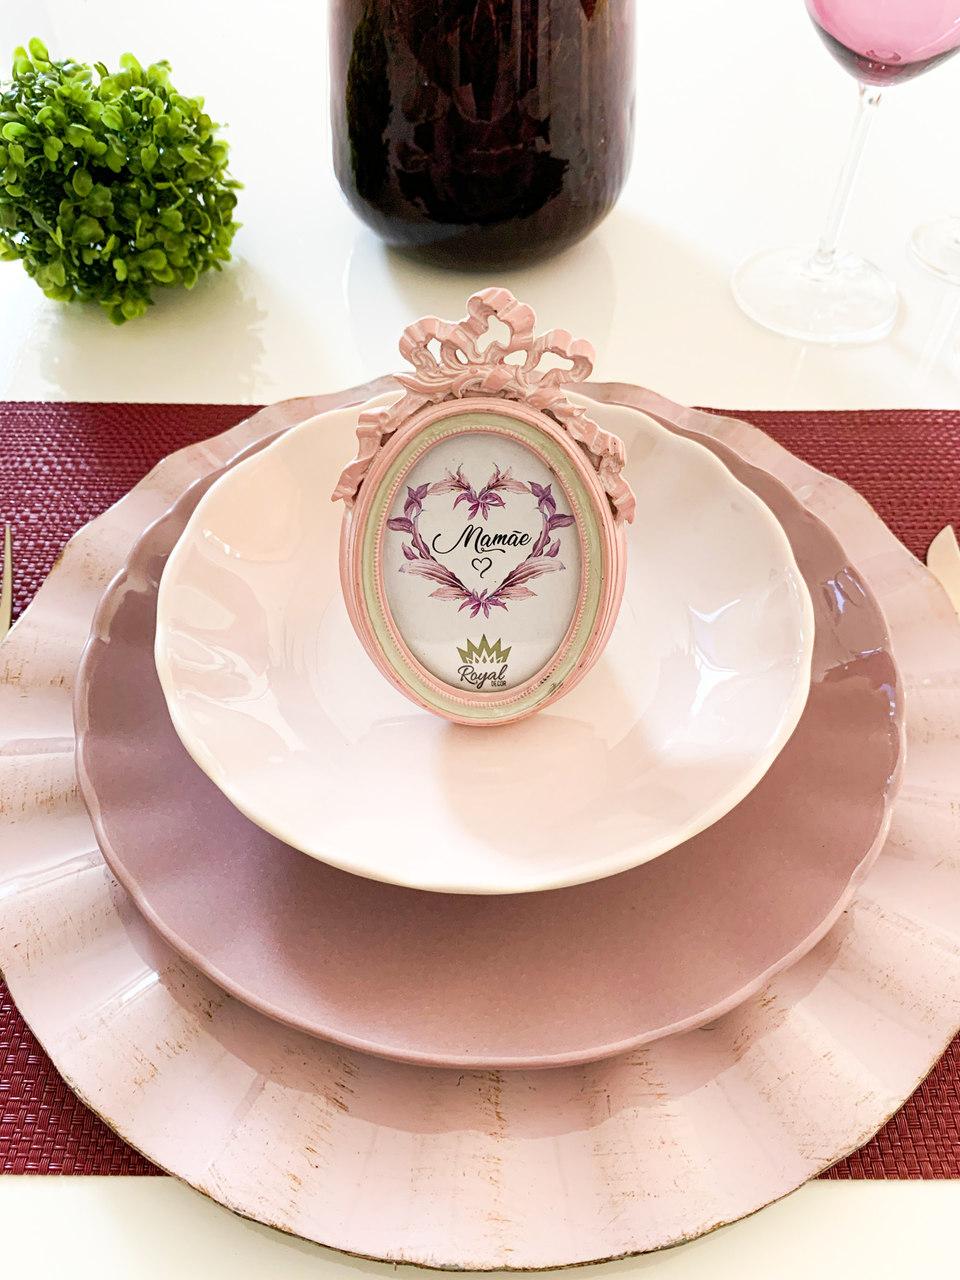 Jogo 6 pratos 26 cm raso de cerâmica Bergama Plum Wolff - 17531